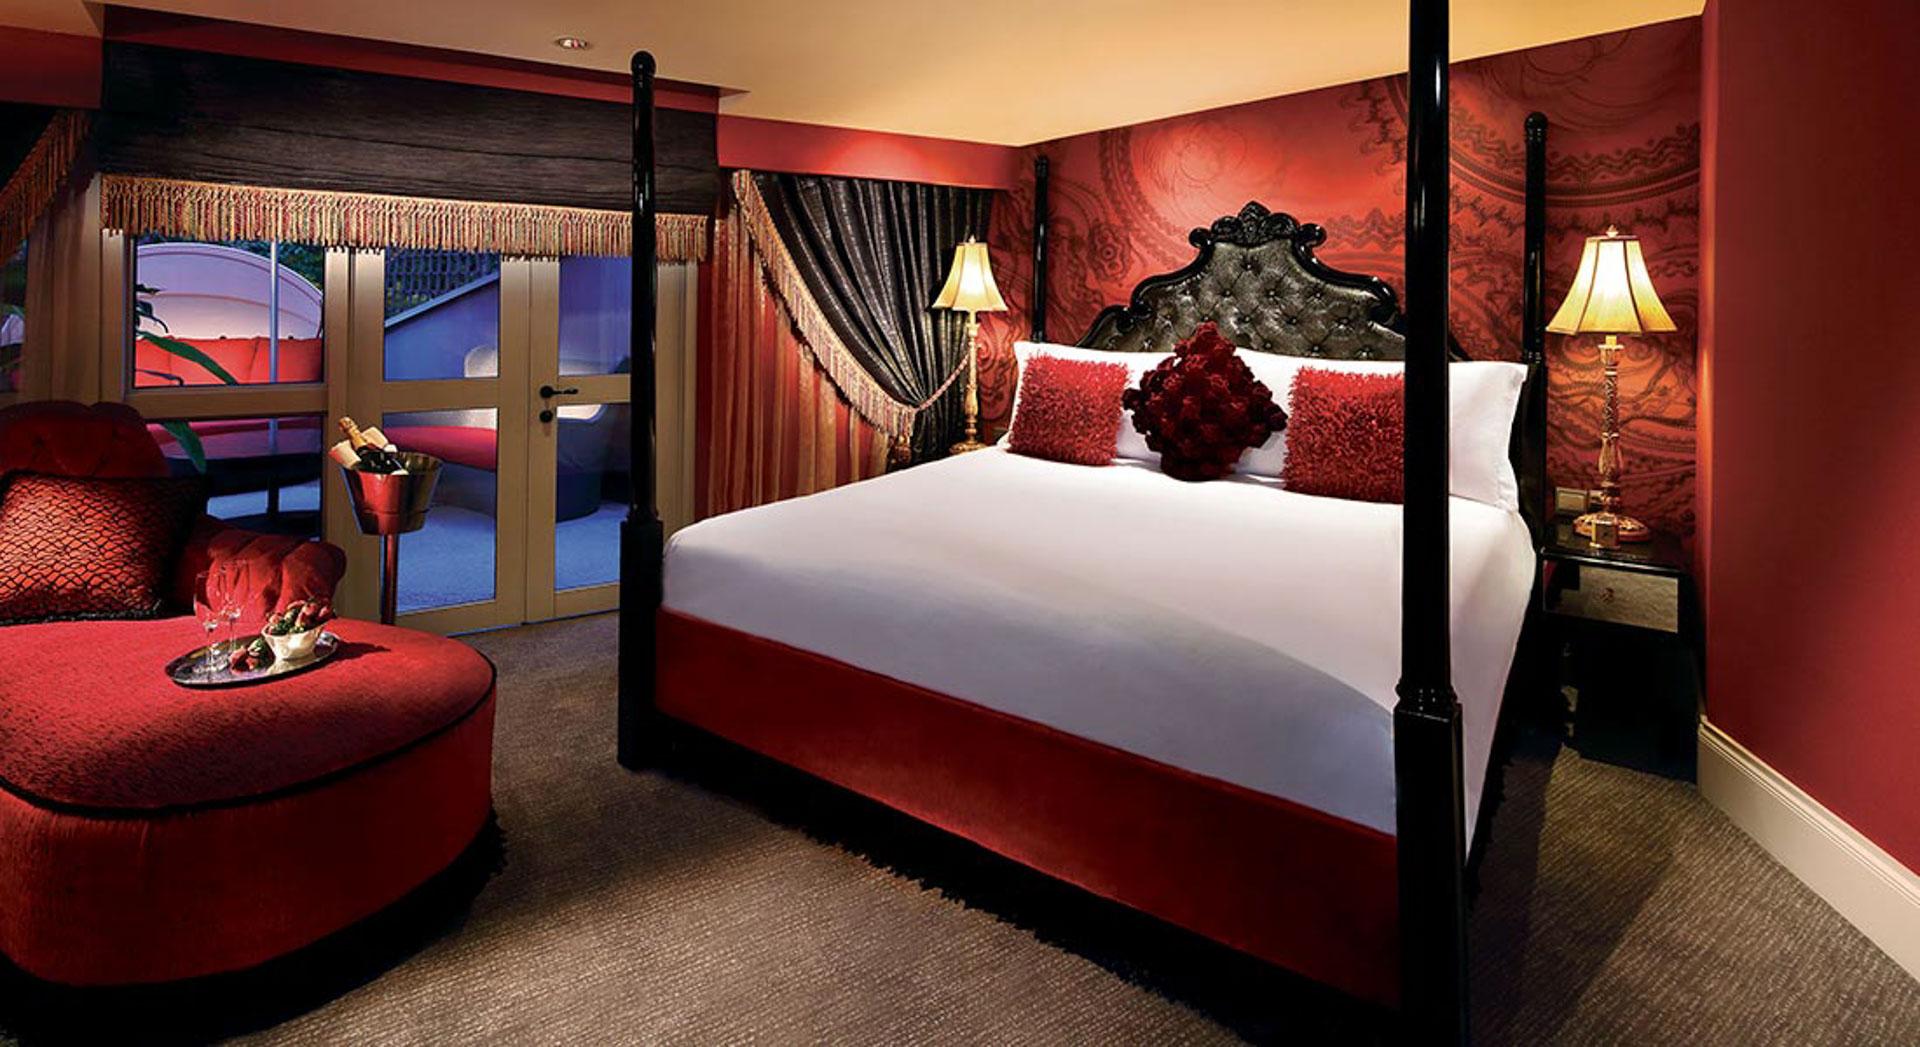 Pehmoisessa Hästenssin sängyssä saa hyvät unet. Kuva: The Scarlet Singapore